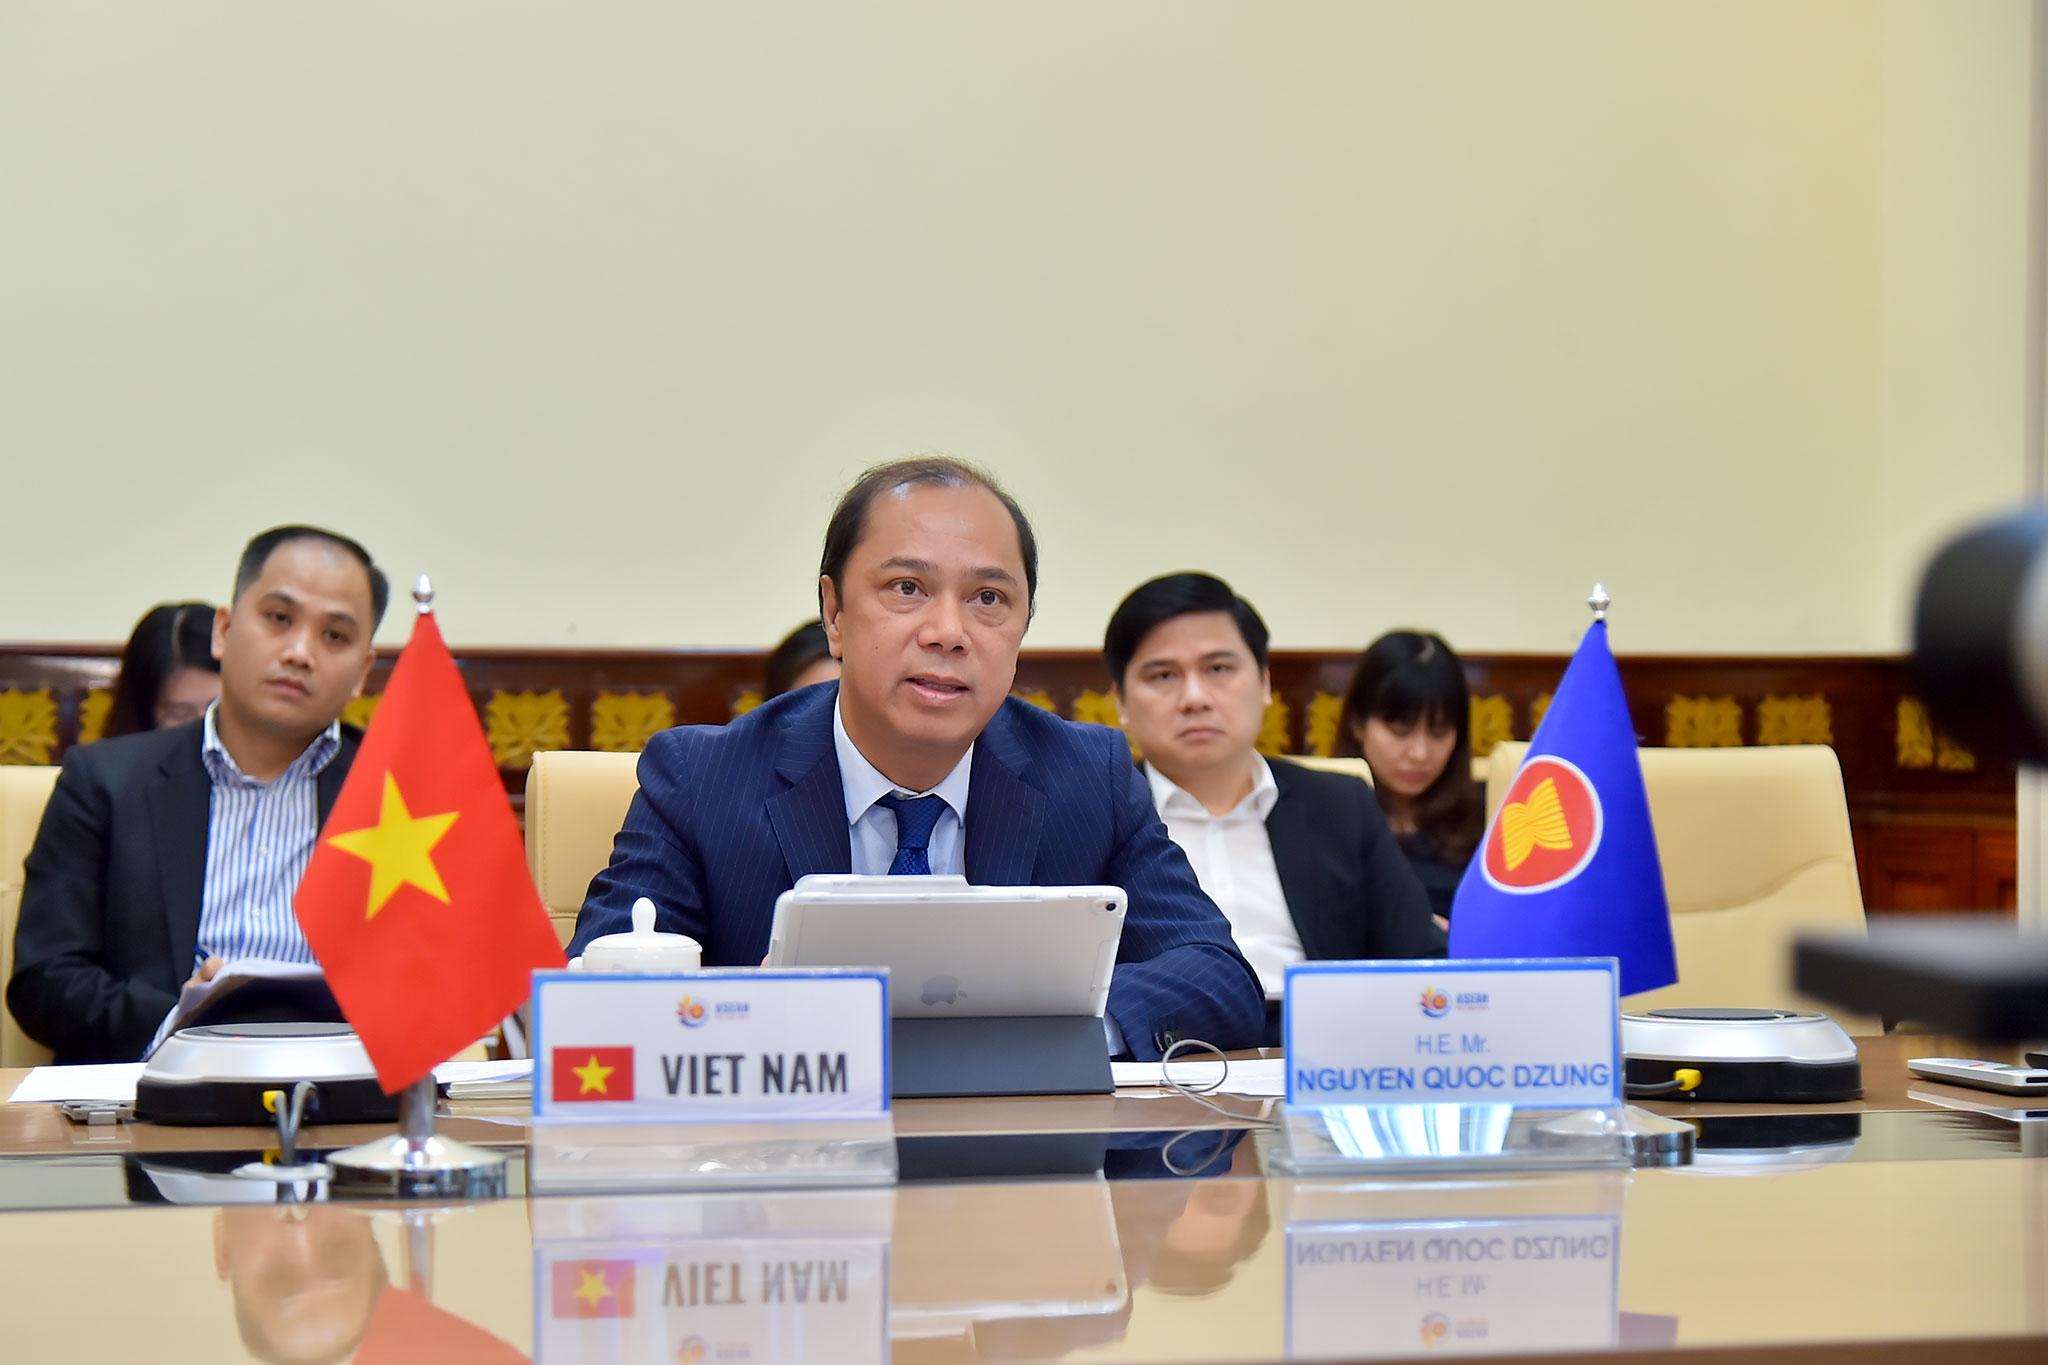 Các nước ASEAN đánh giá cao vai trò Chủ tịch ASEAN 2020 của Việt Nam